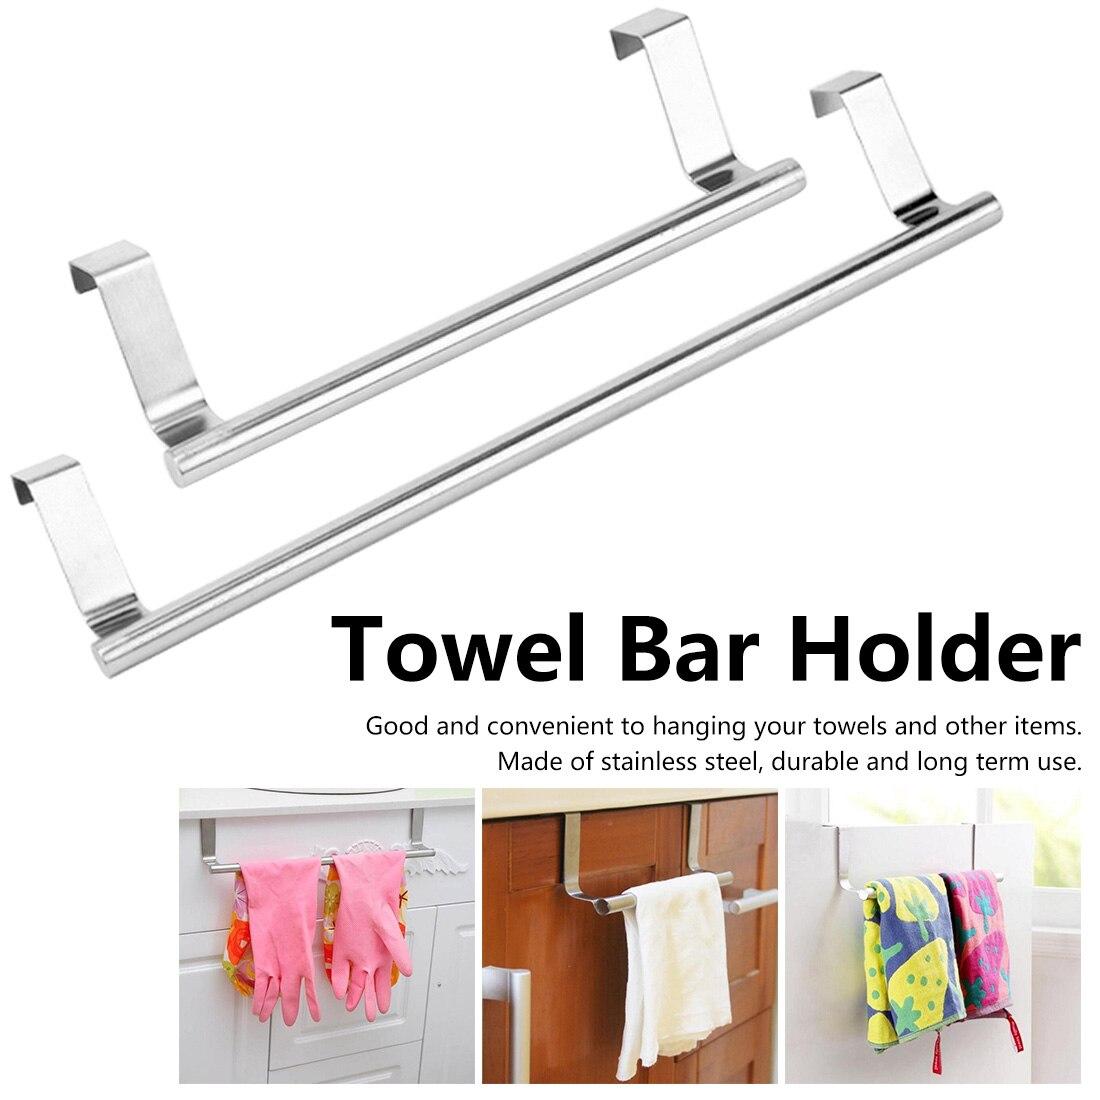 Soporte de toalla montado en la pared para gabinete, cajón, toallero colgante, soporte de almacenamiento, colgador de puerta, colgador de toallero de baño y cocina